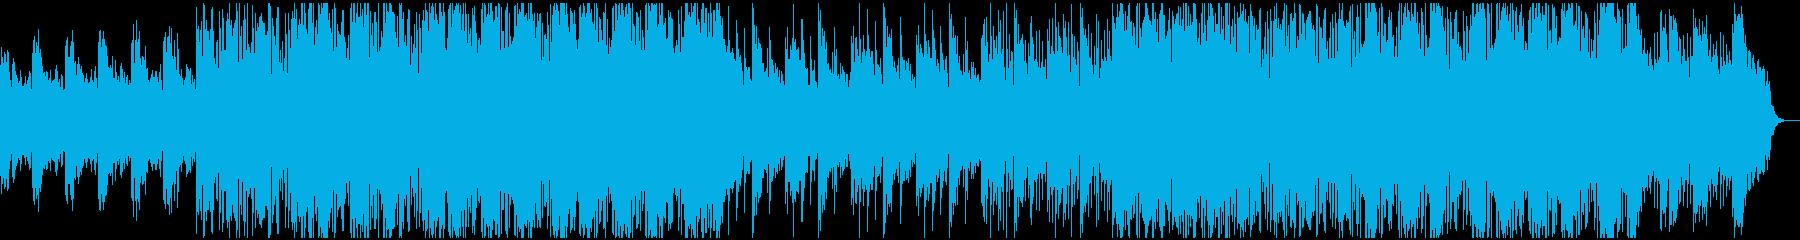 シンセを使用した技術的なエアリーな...の再生済みの波形